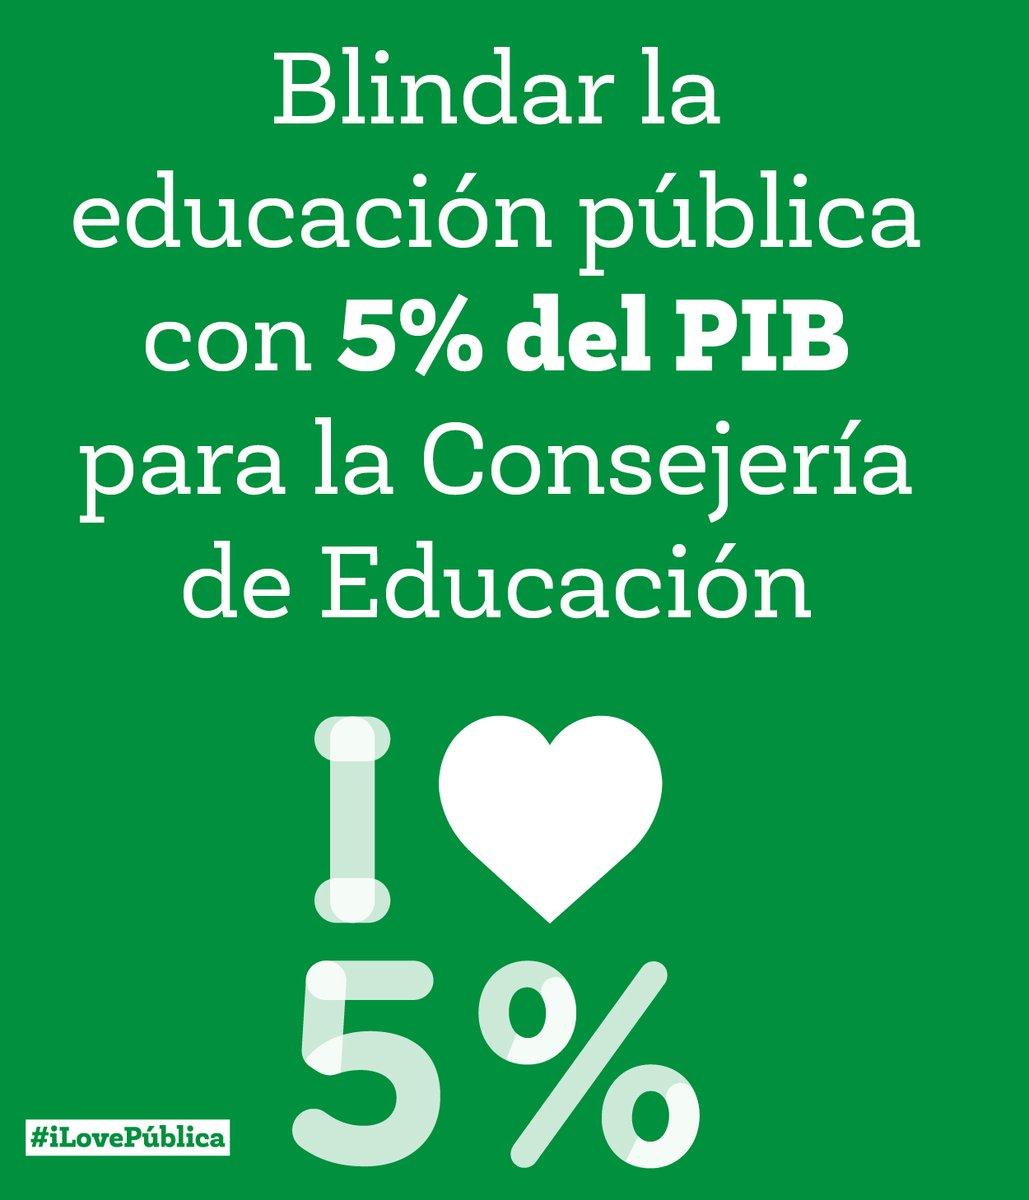 5% del PIB para Educación por ley